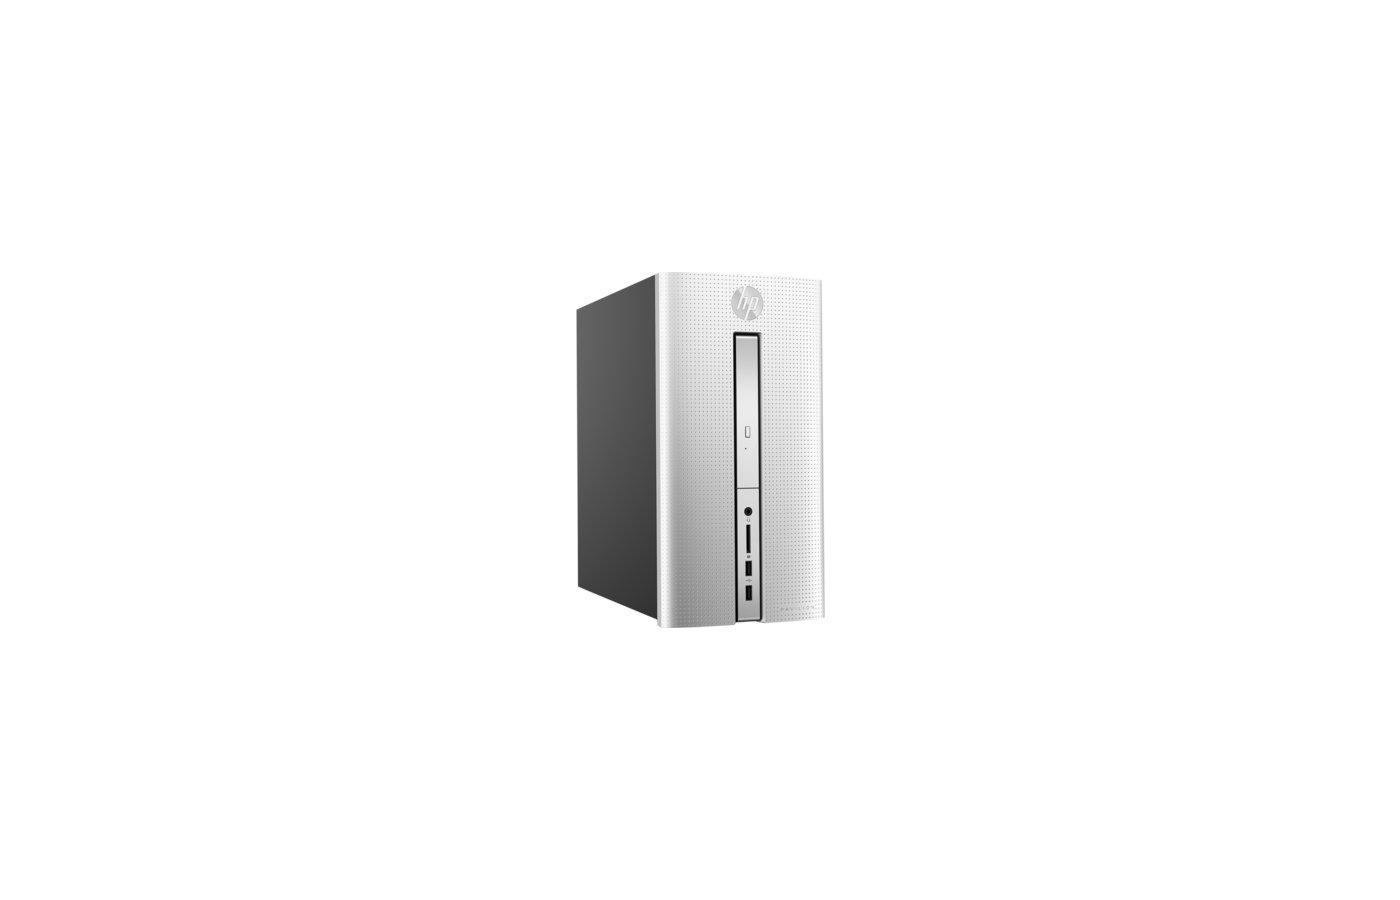 Системный блок HP Pavilion 510 510-p170ur /Z0J99EA/